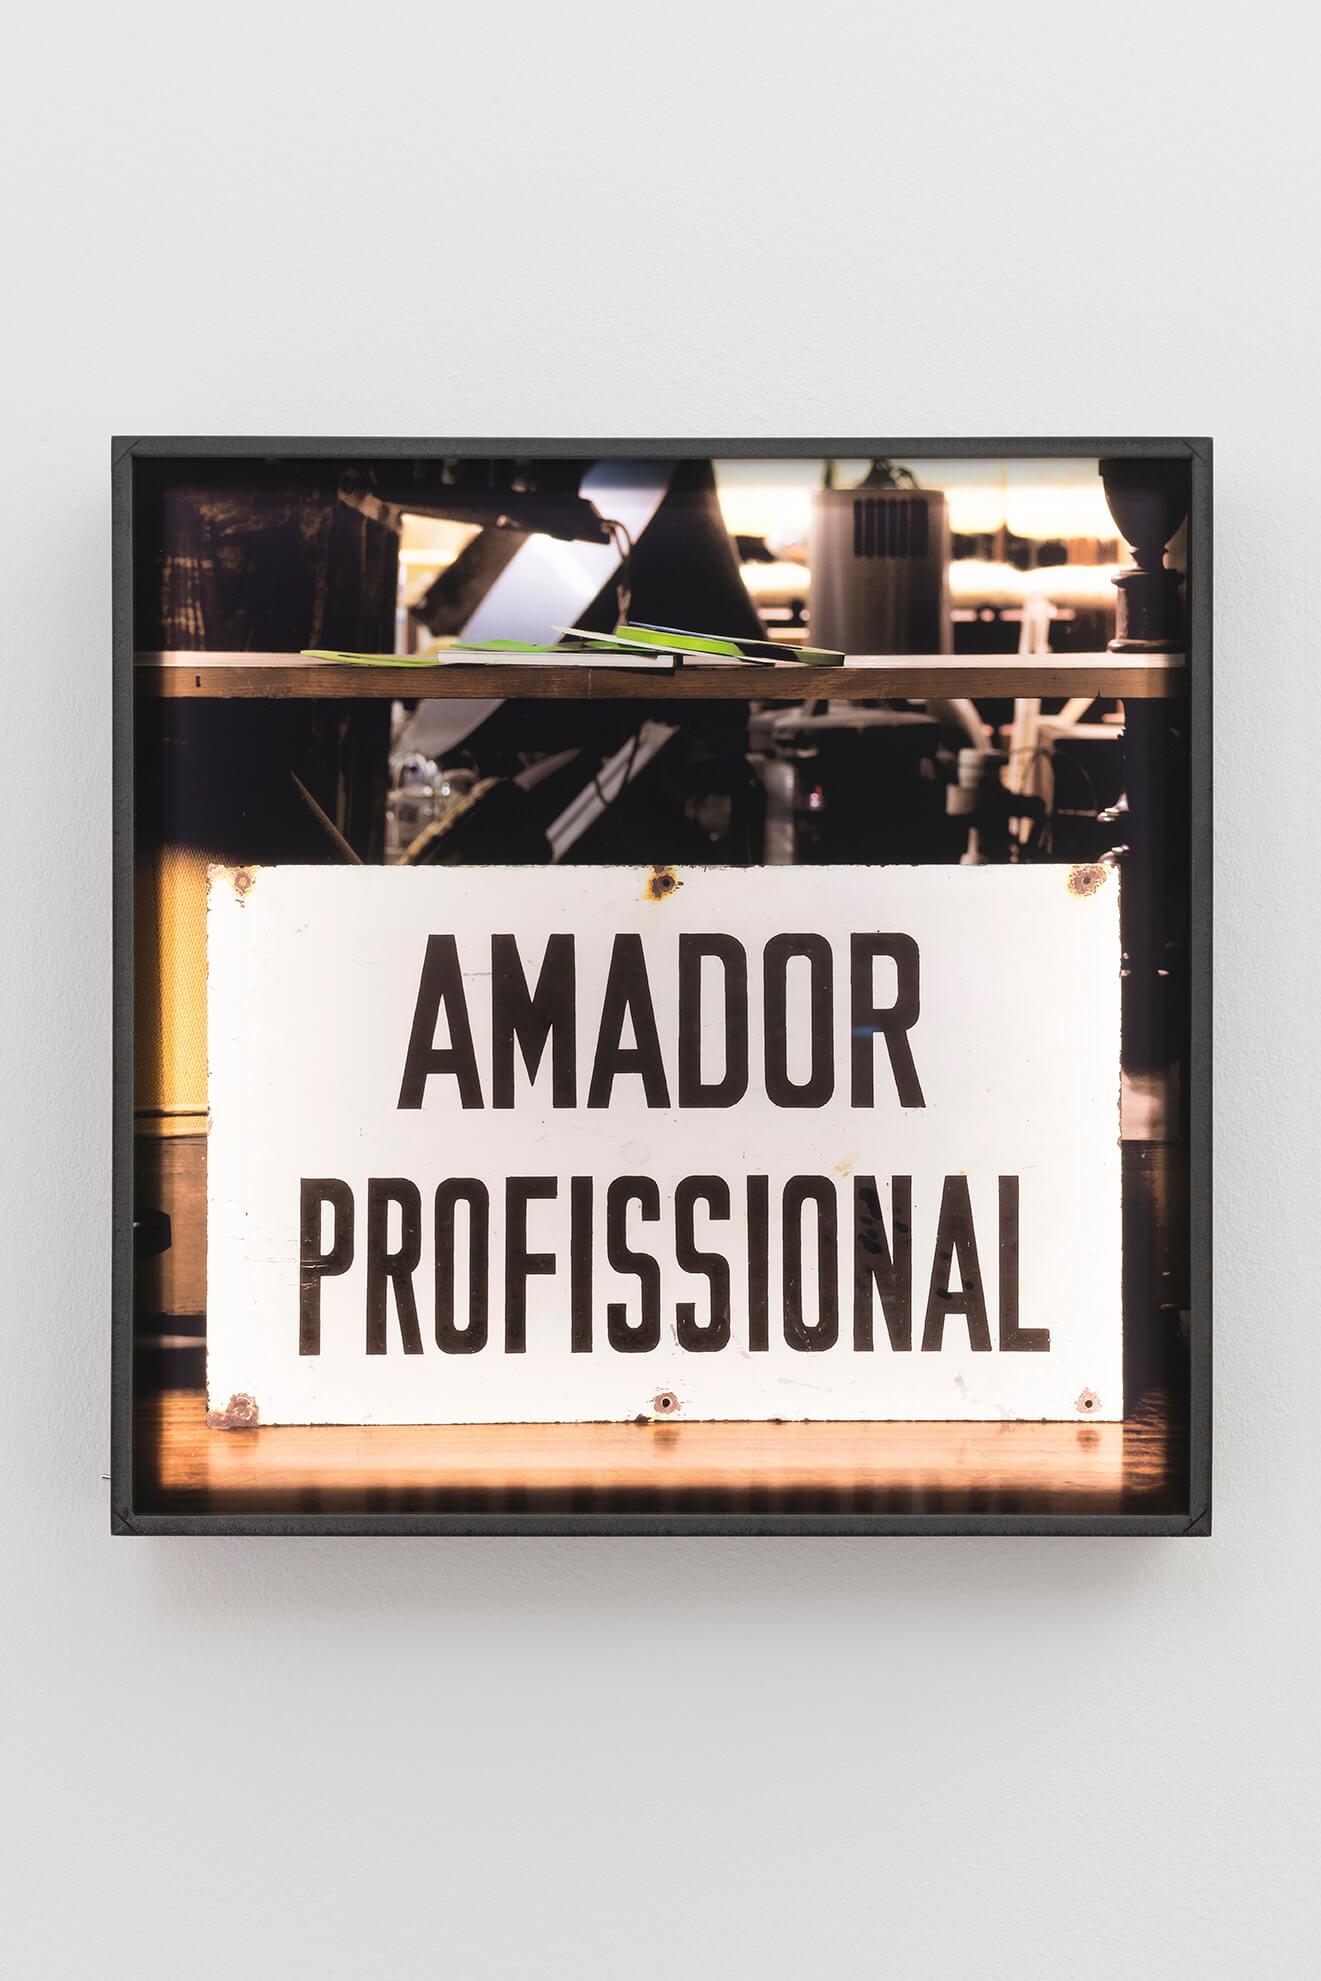 ANA JOTTA. Amador Profissional, 2020 | El Museu Imaginari / El Museo Imaginario / The Imaginary Museum | ProjecteSD